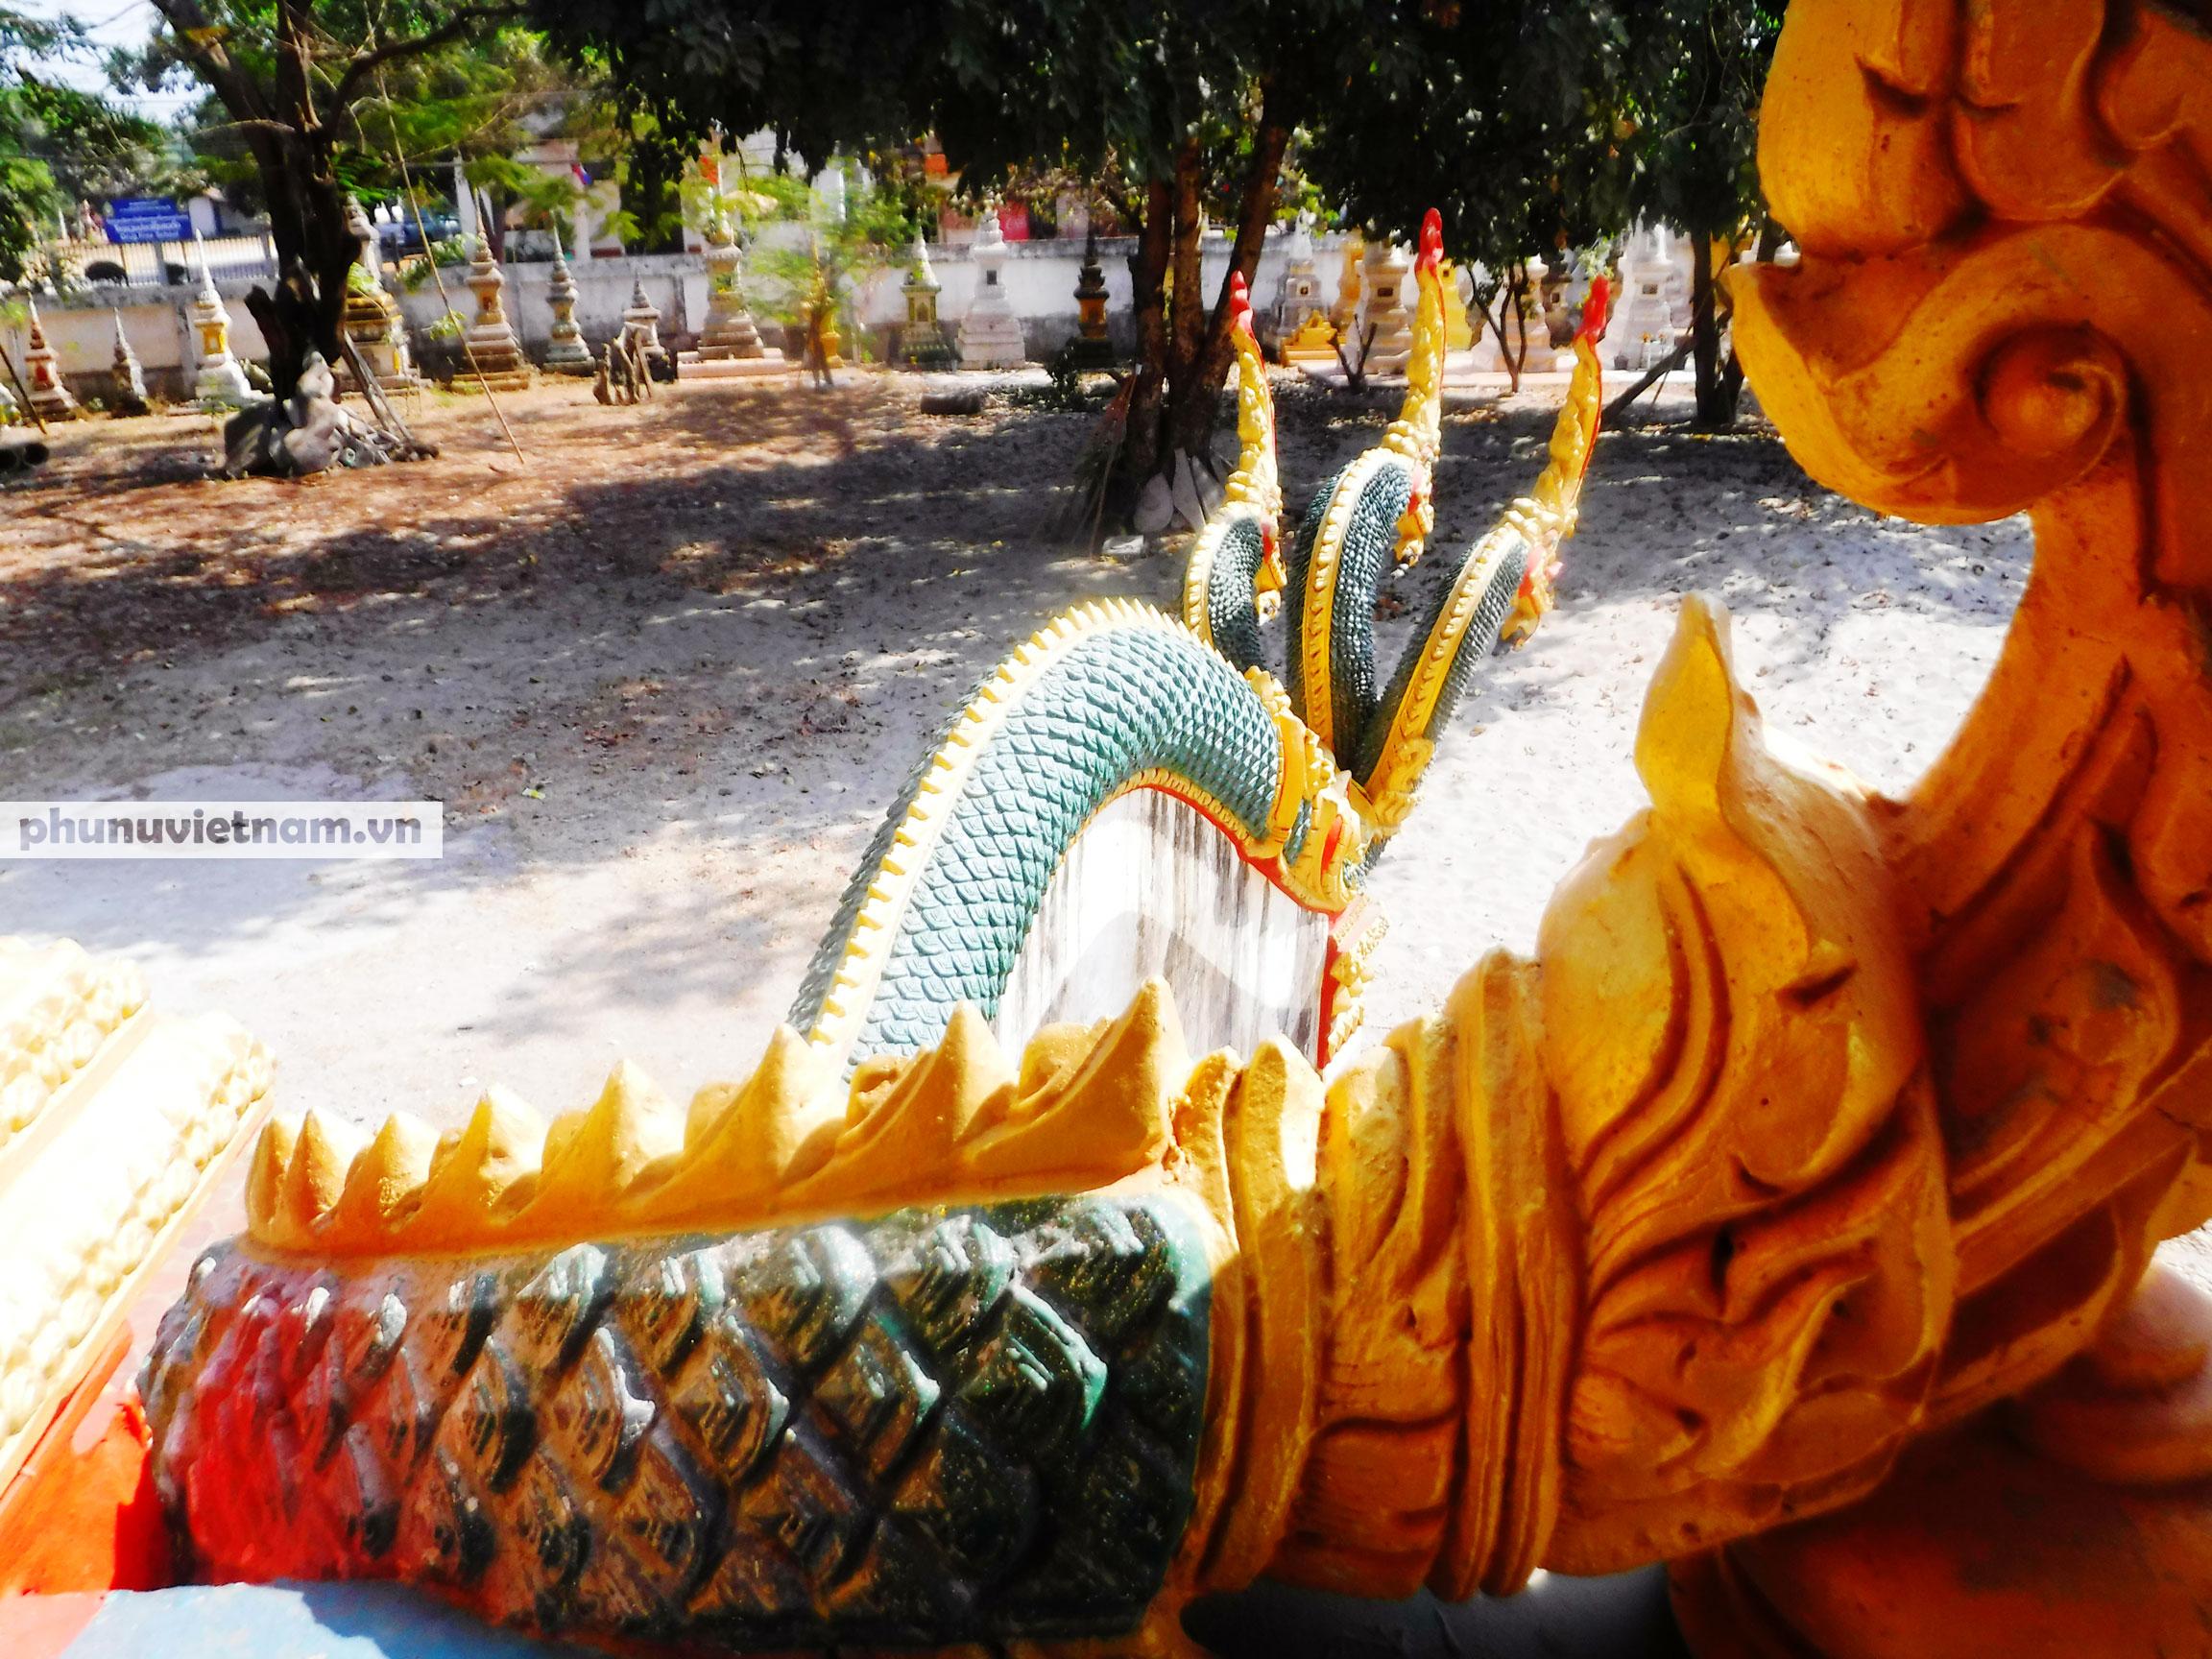 Độc đáo những bức tượng rắn trong các ngôi chùa ở Thủ đô Viêng Chăn - Ảnh 9.